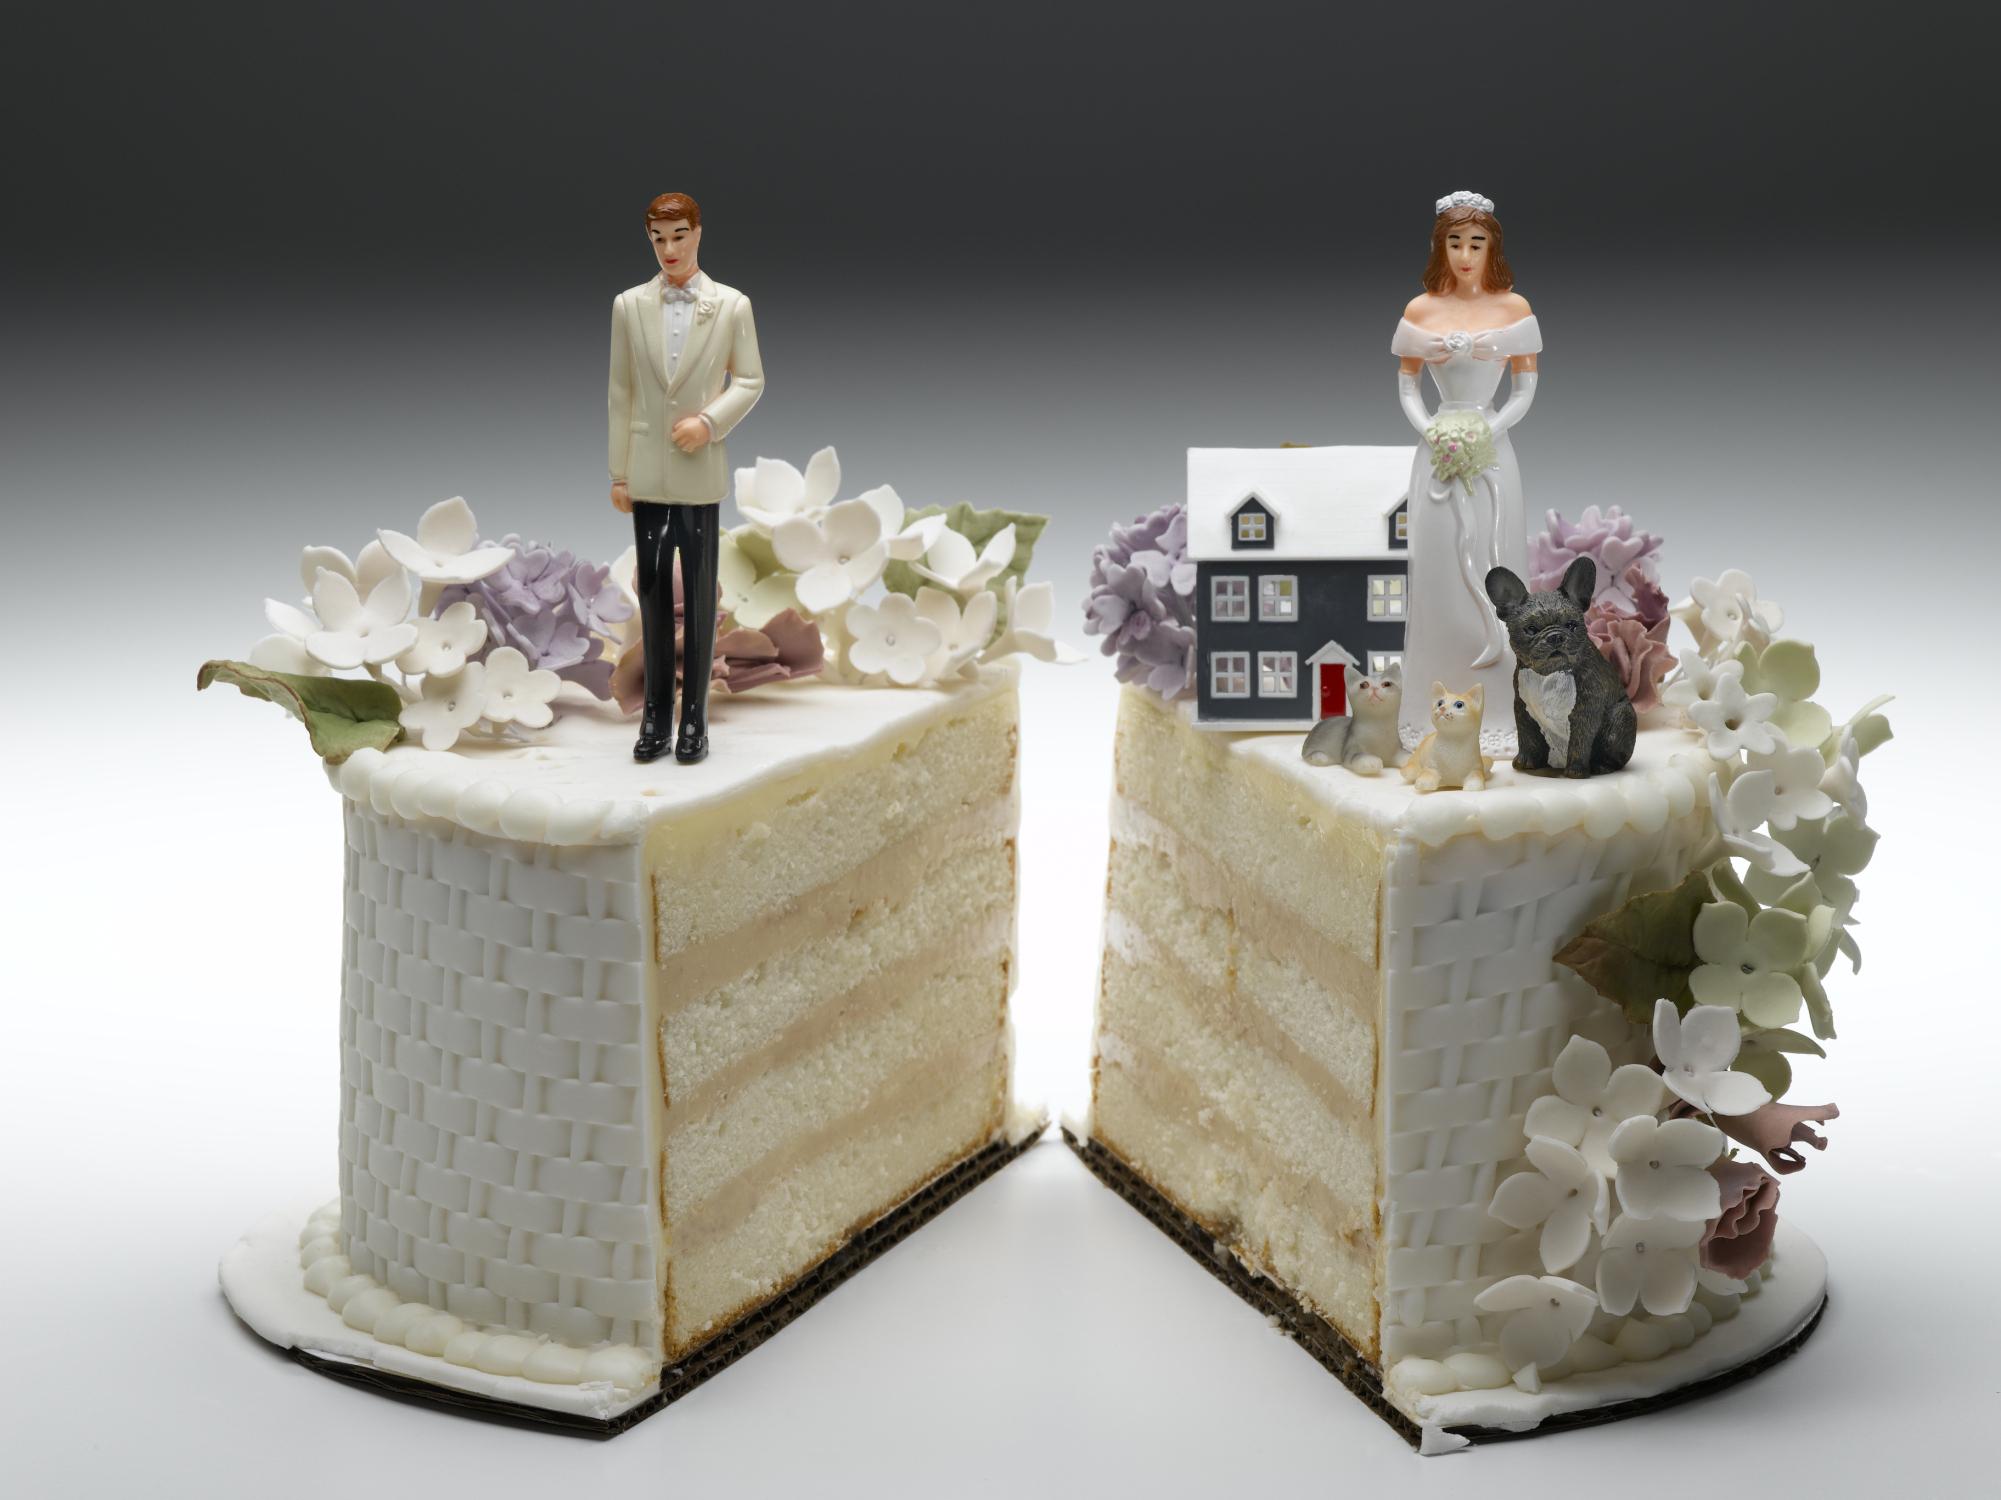 ¿Cómo Enfrentar el Peligro del Divorcio?